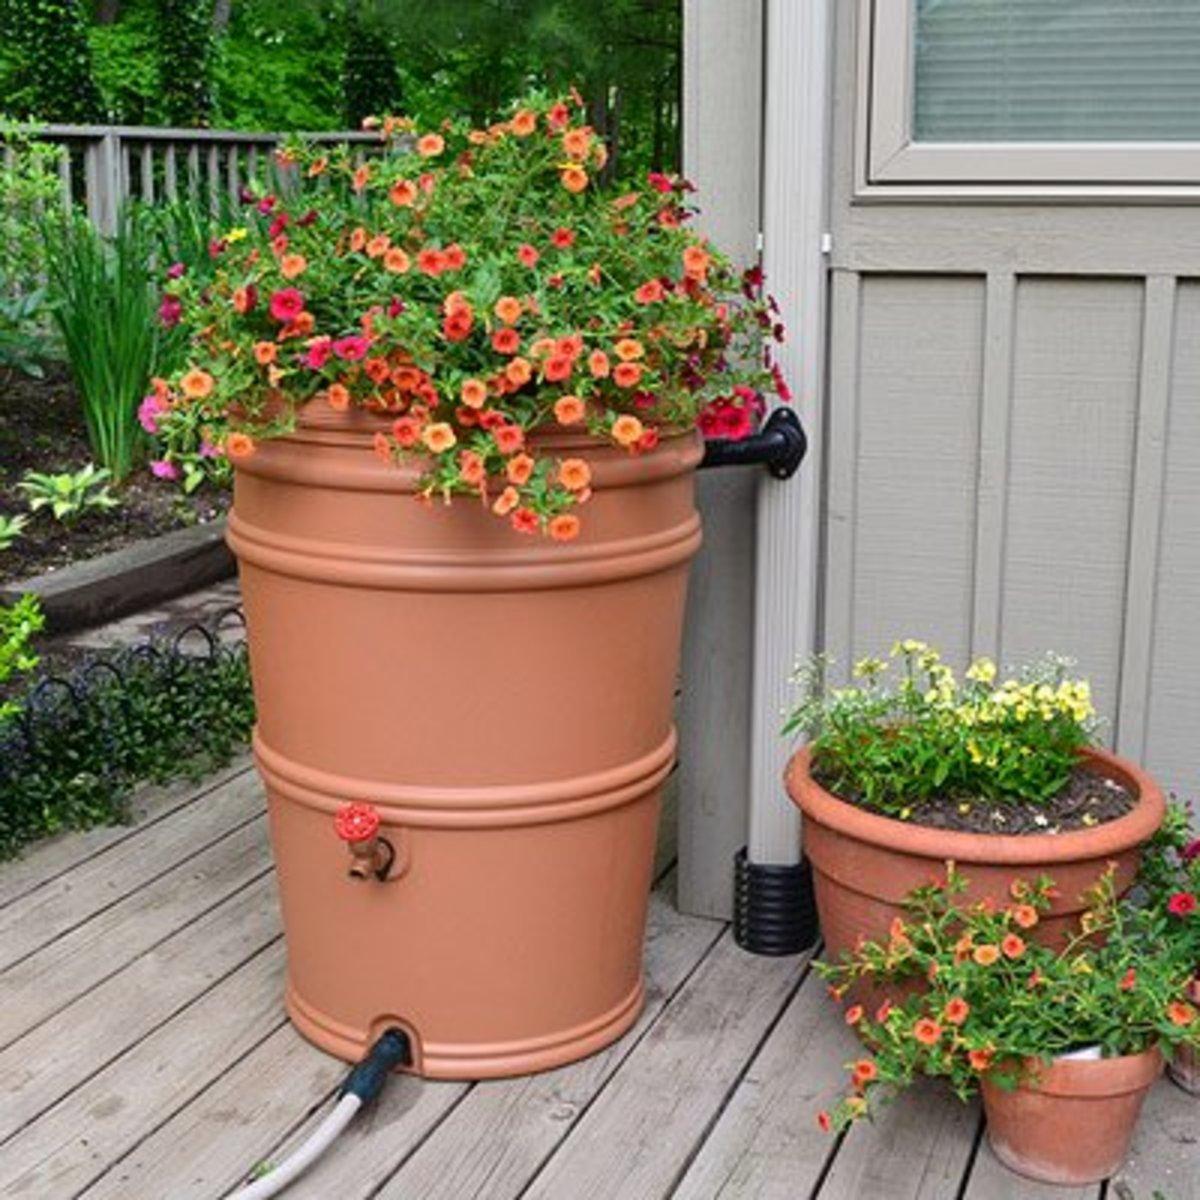 Waterwise Gardening Tips